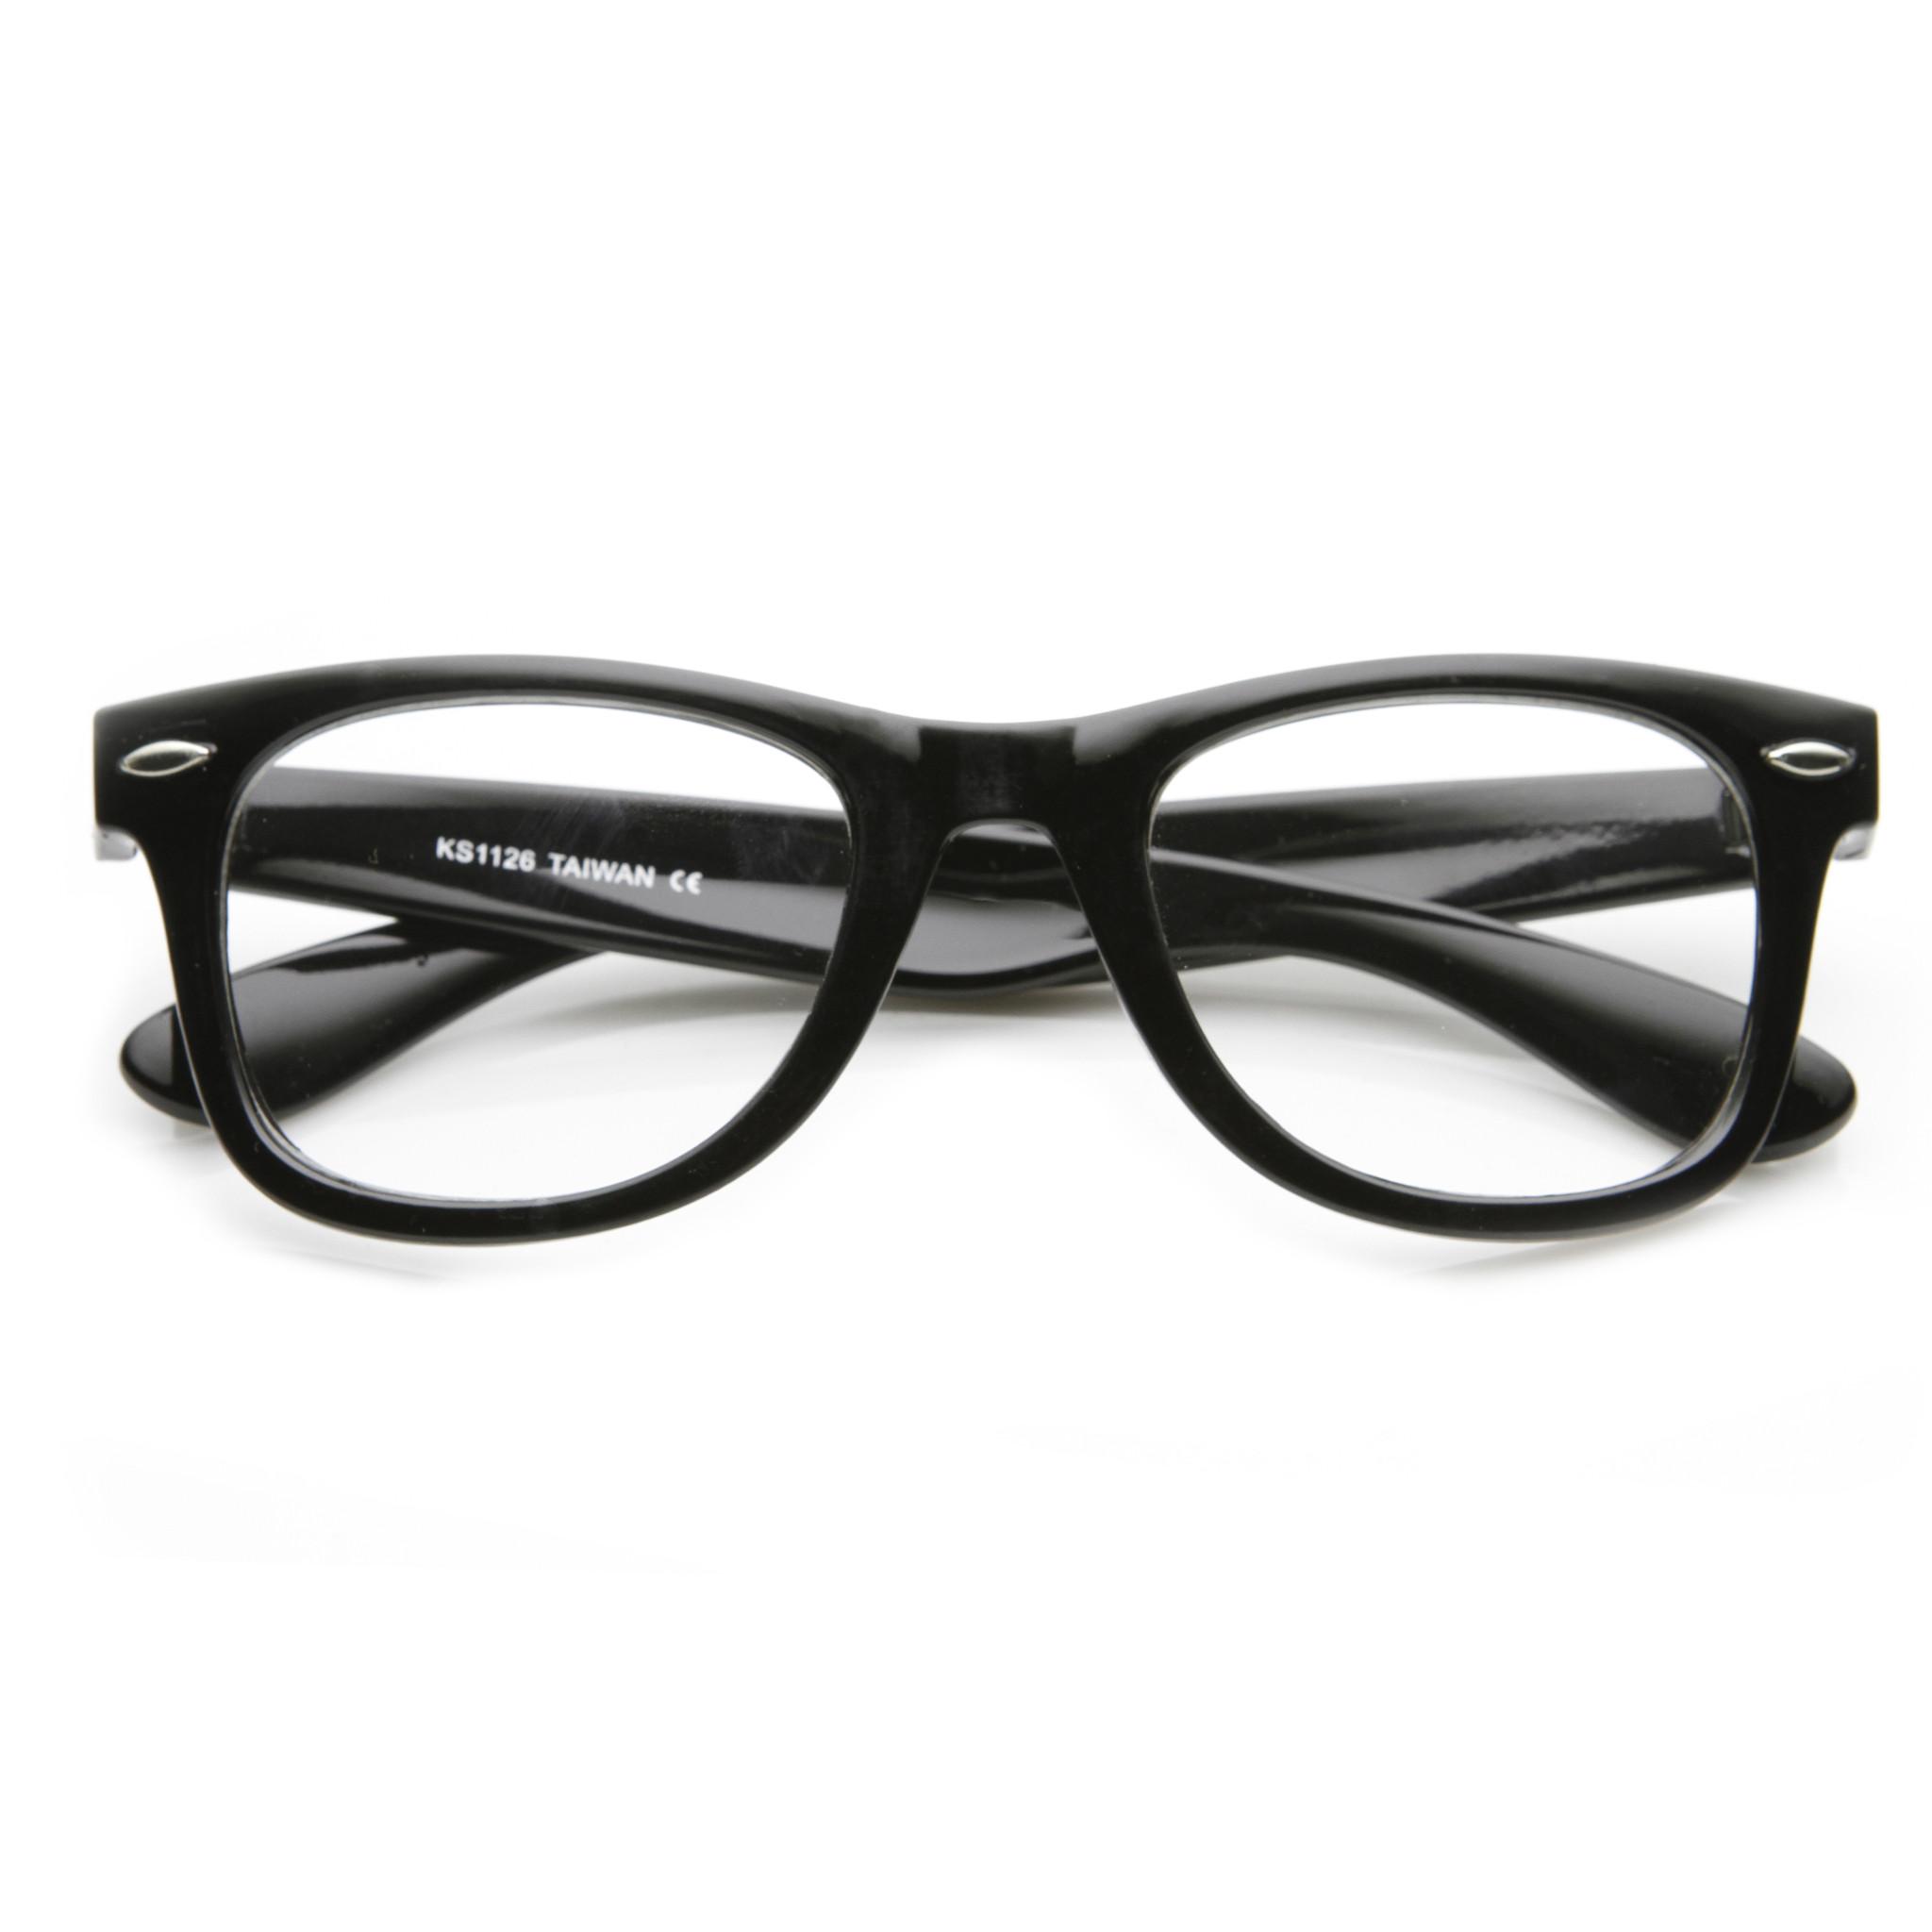 Retro Classic Horned Rim Frame RX Optical Clear Lens Glasses 8708 ...